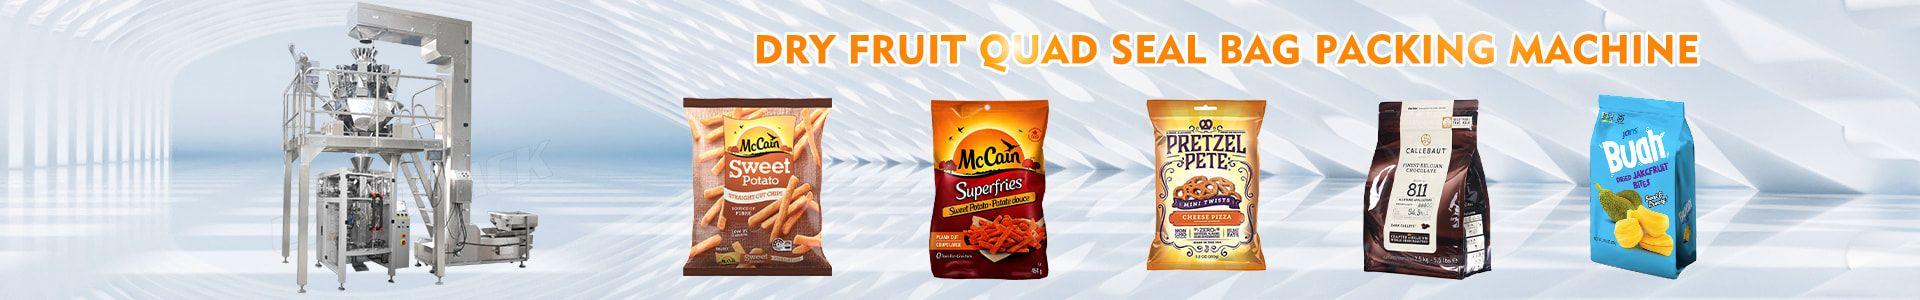 dry fruit packing machine price